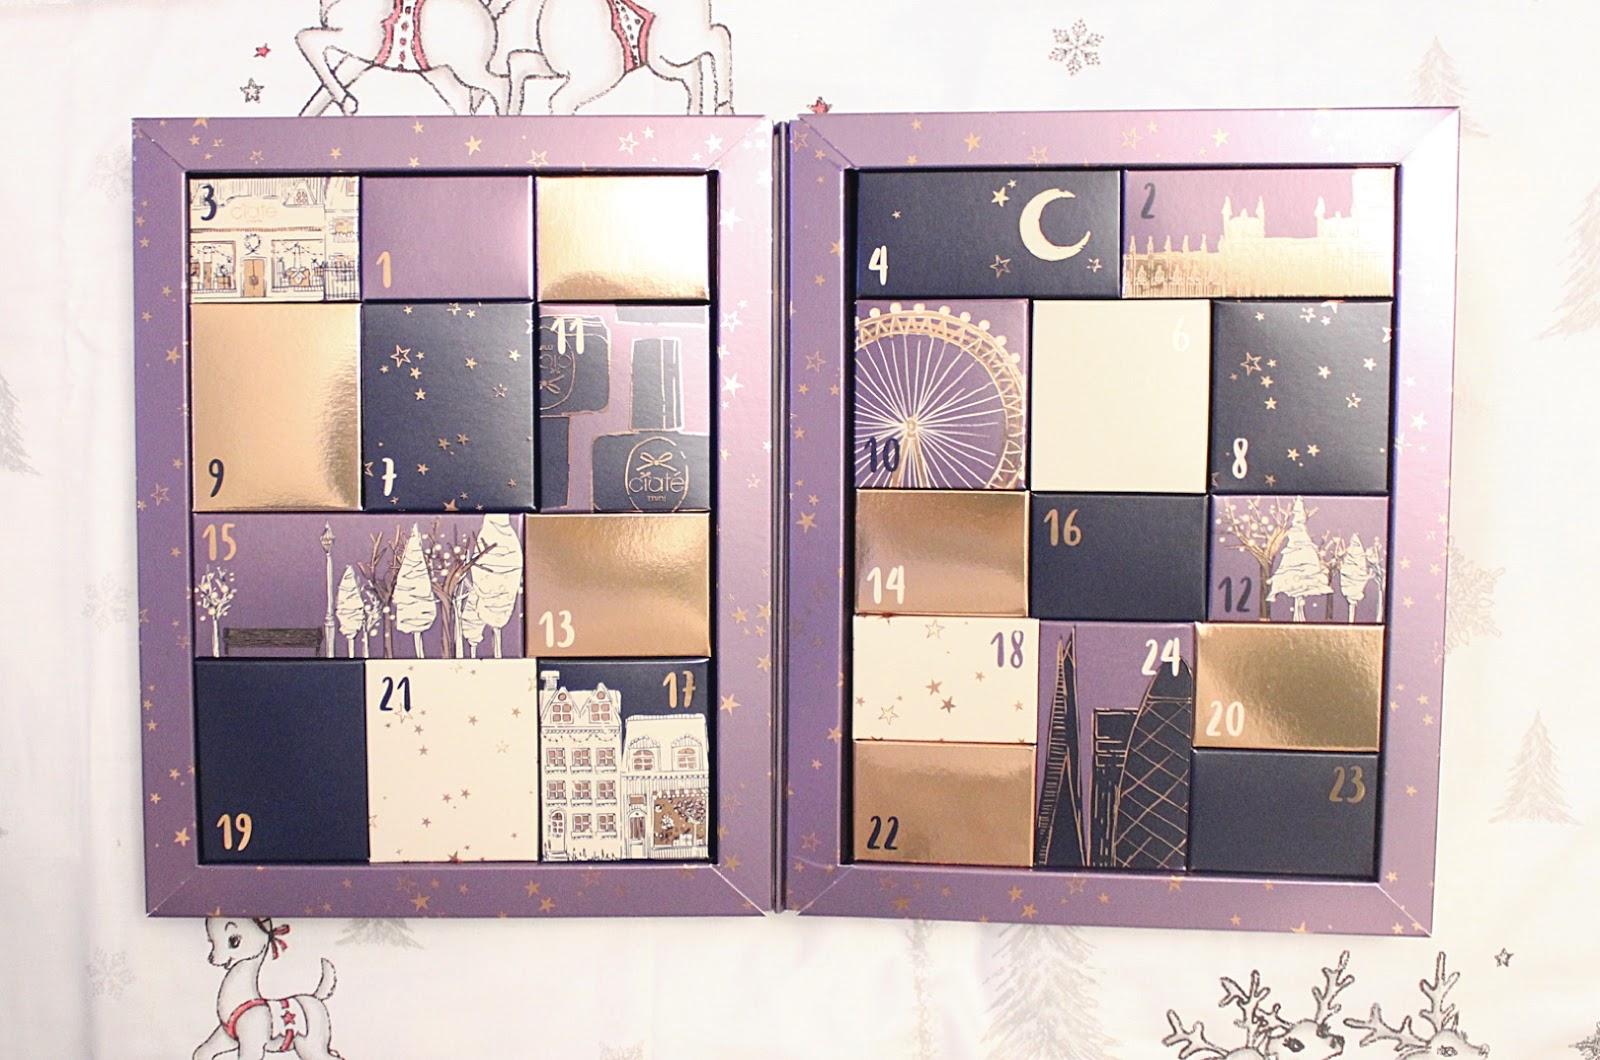 Ciaté mini mani month advent calendar